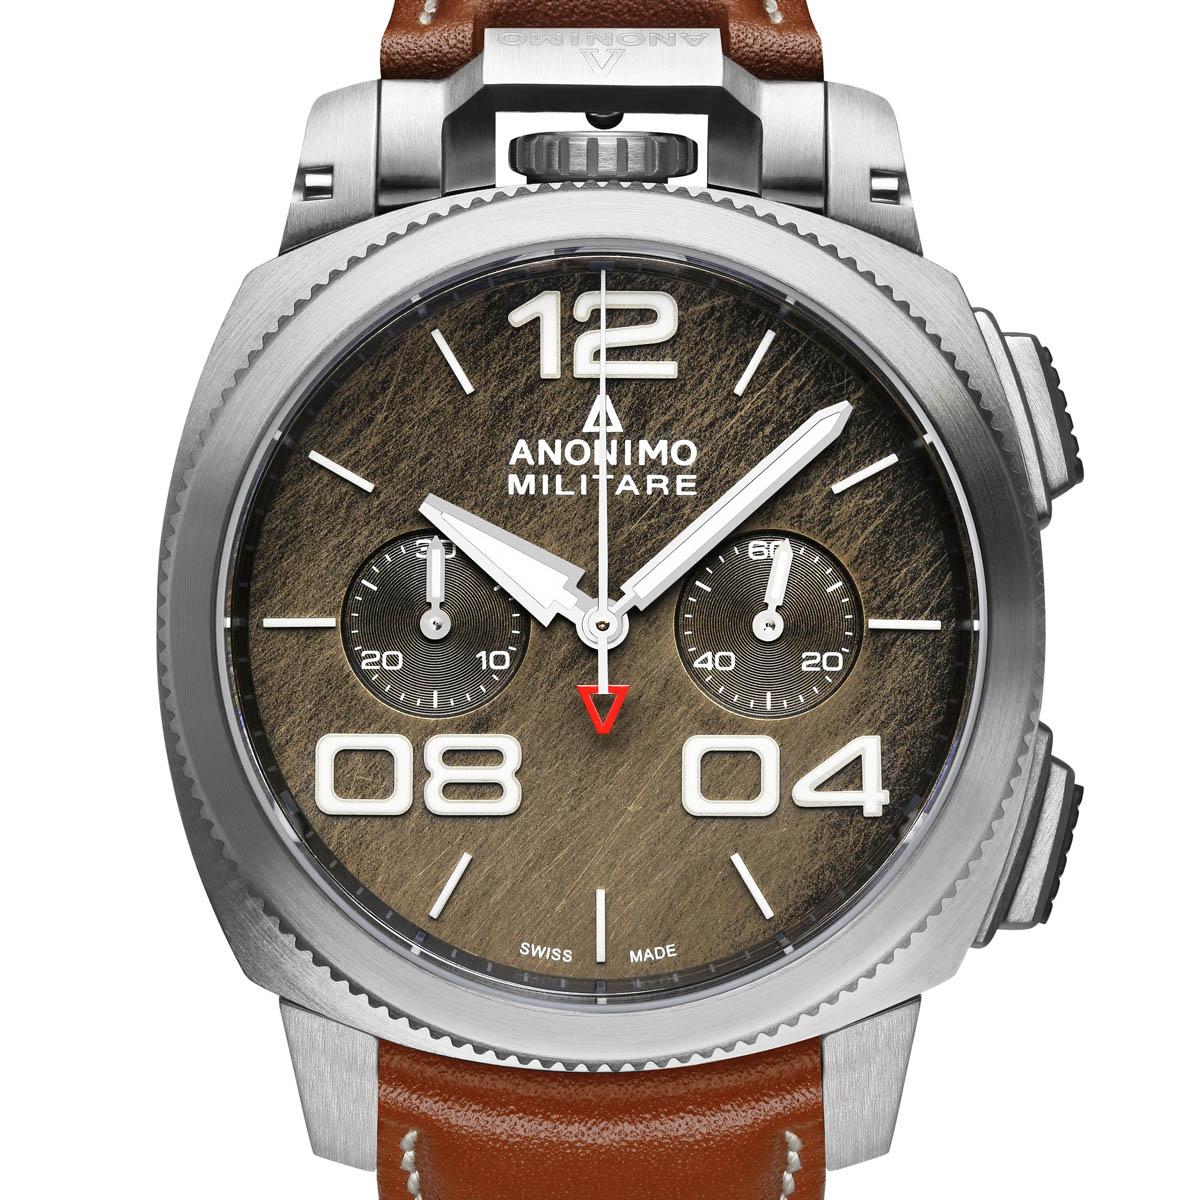 La Cote des Montres : Photo - Les nouvelles montres Anonimo Militare Classic et Nautilo